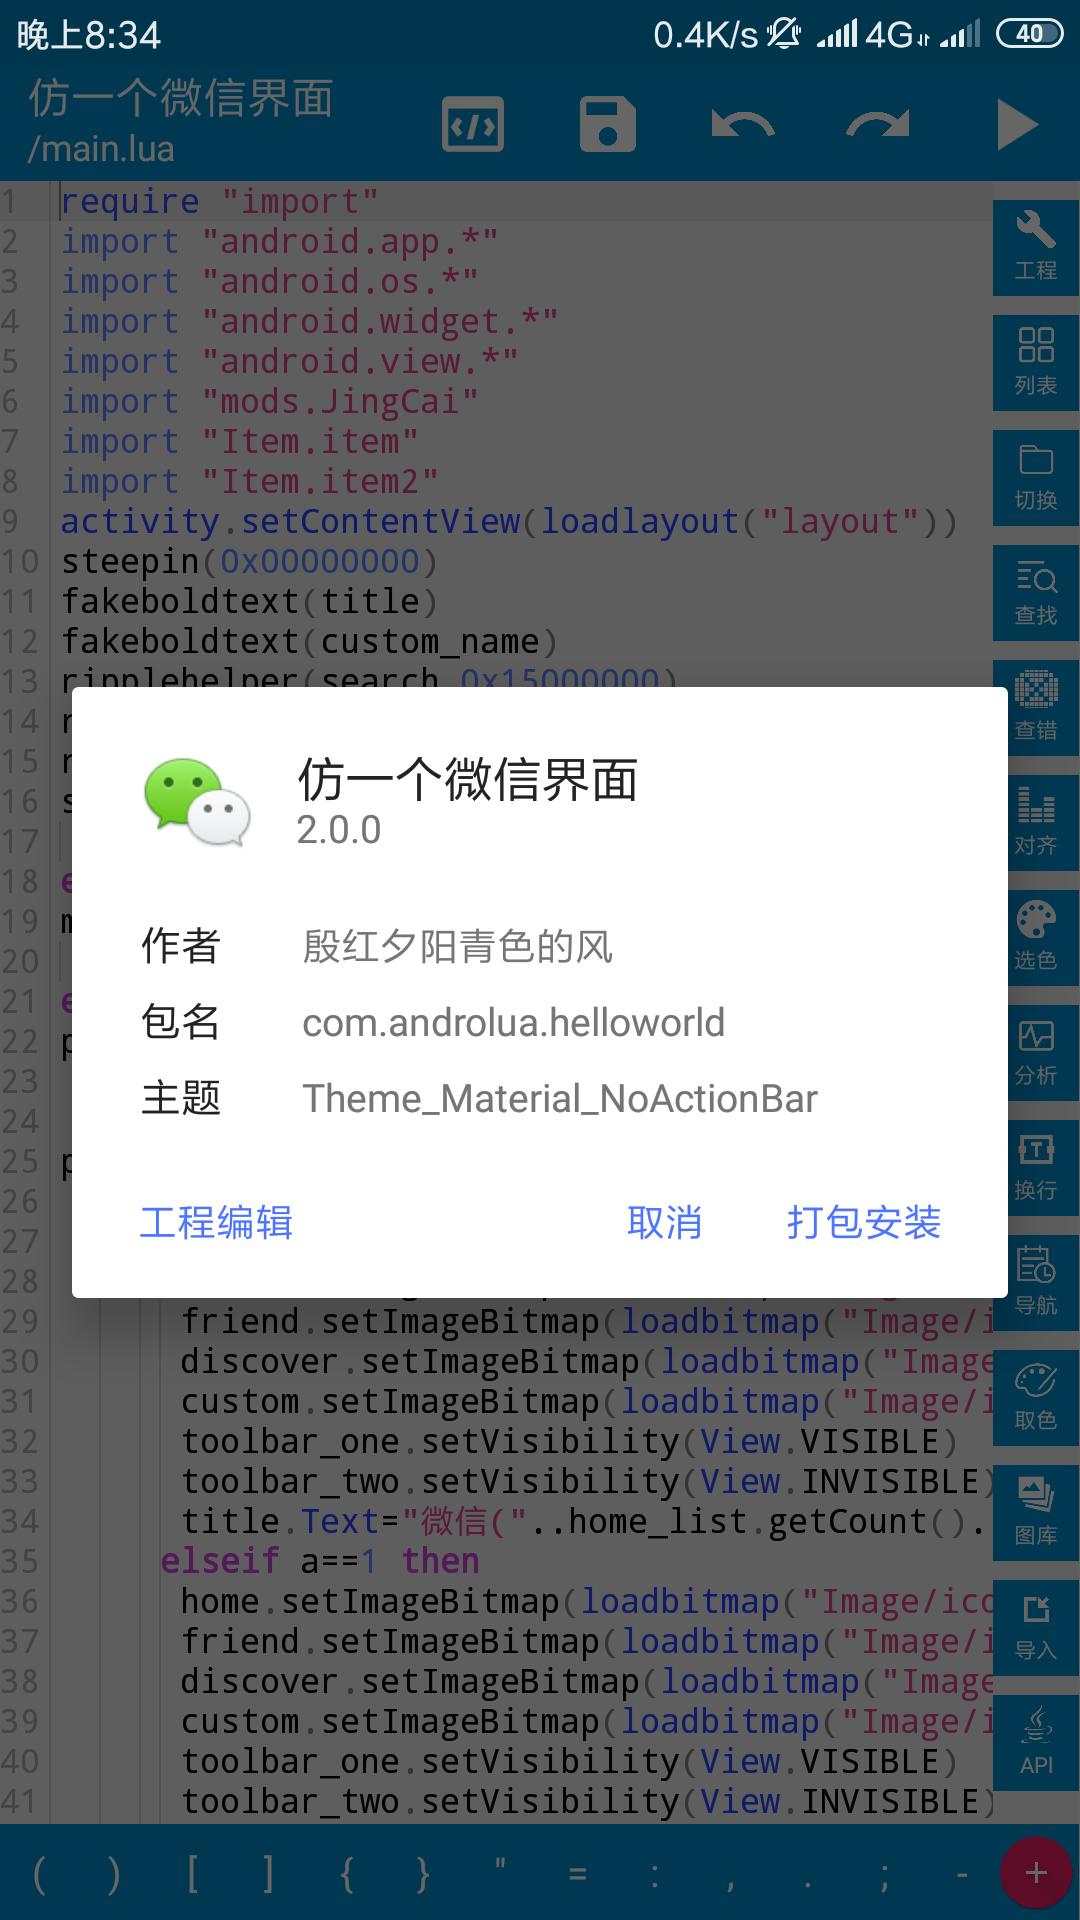 【分享】Kapp5.0 免费开发安卓应用(不是iapp破解版)